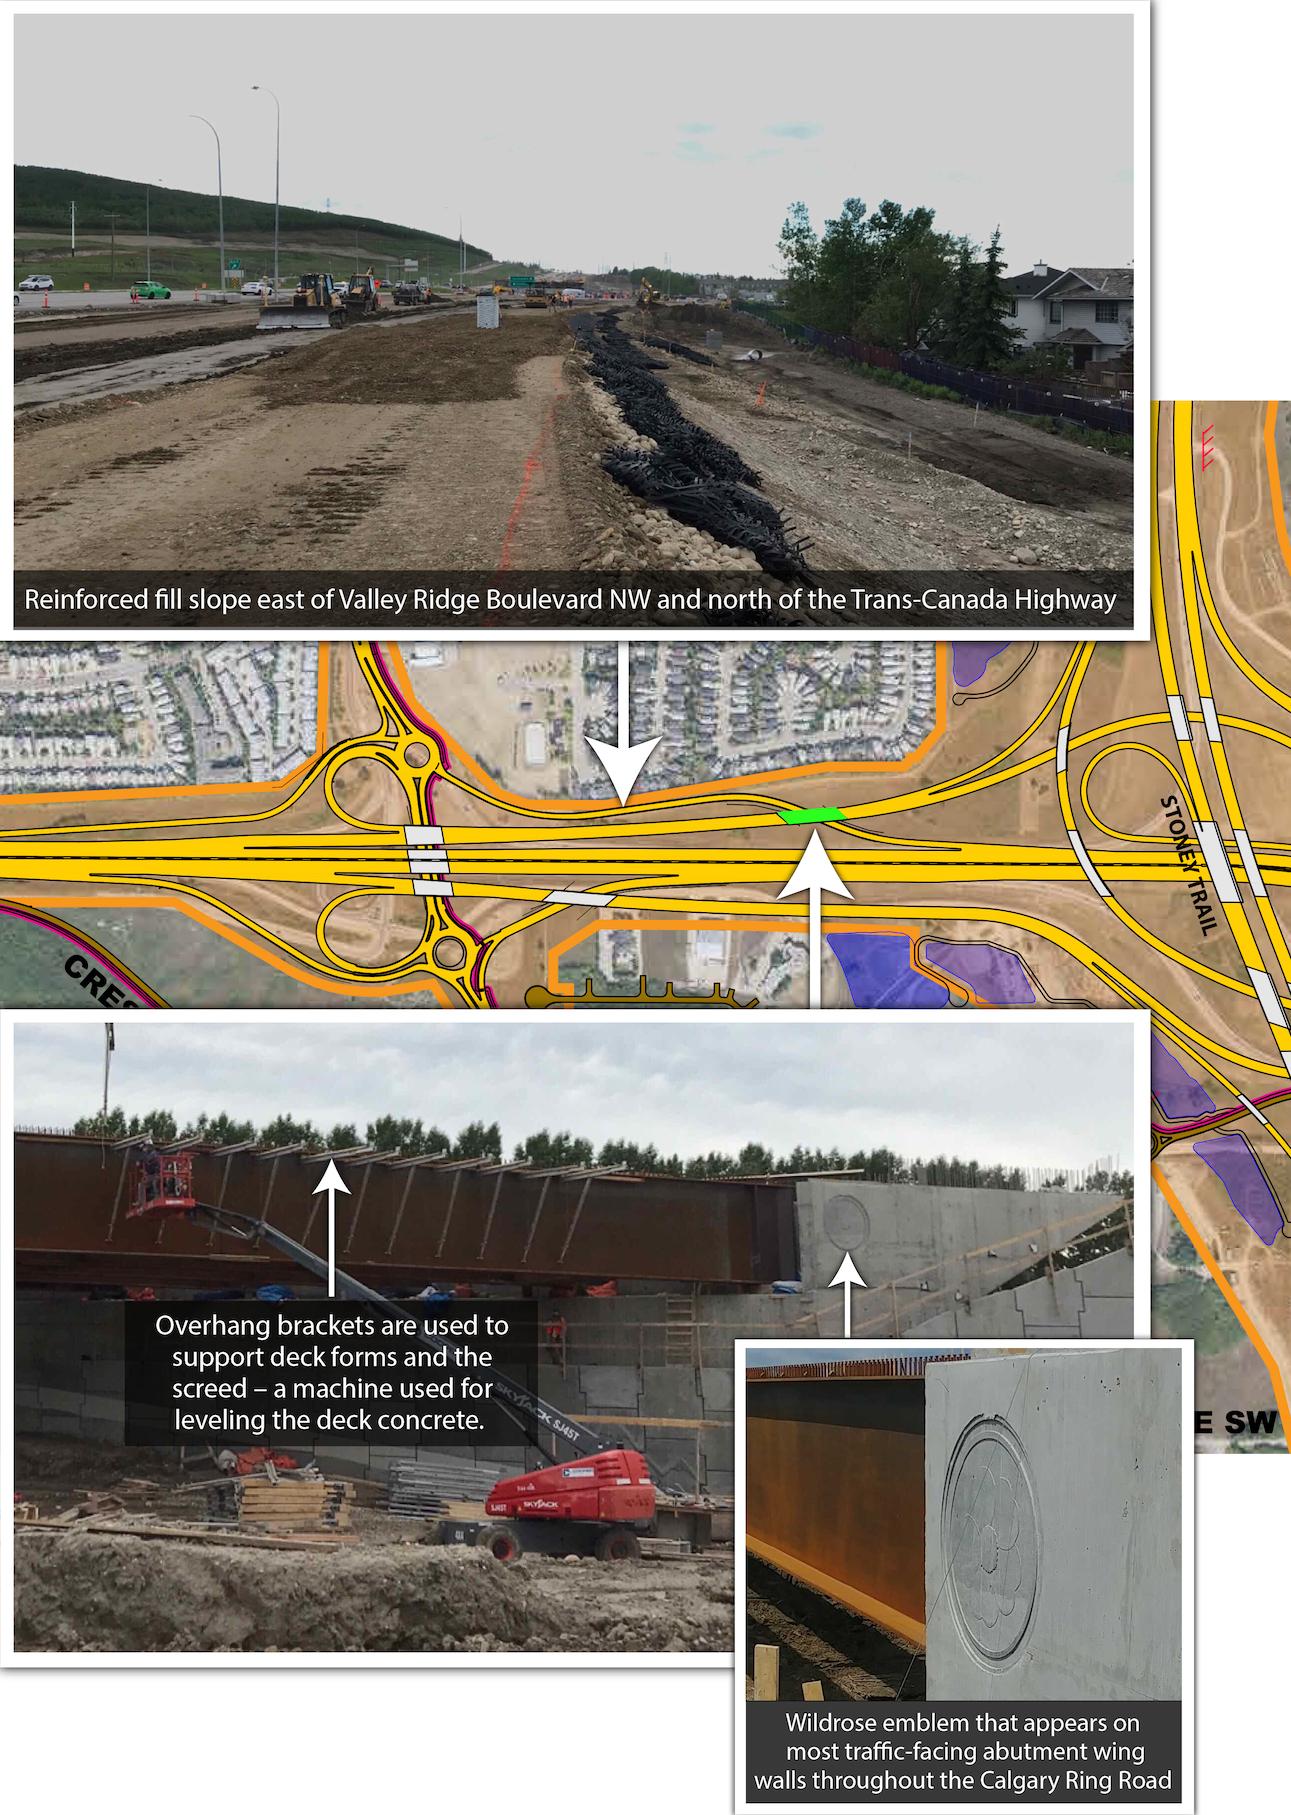 Work on Trans-Canada Highway and Valley Ridge Blvd interchange